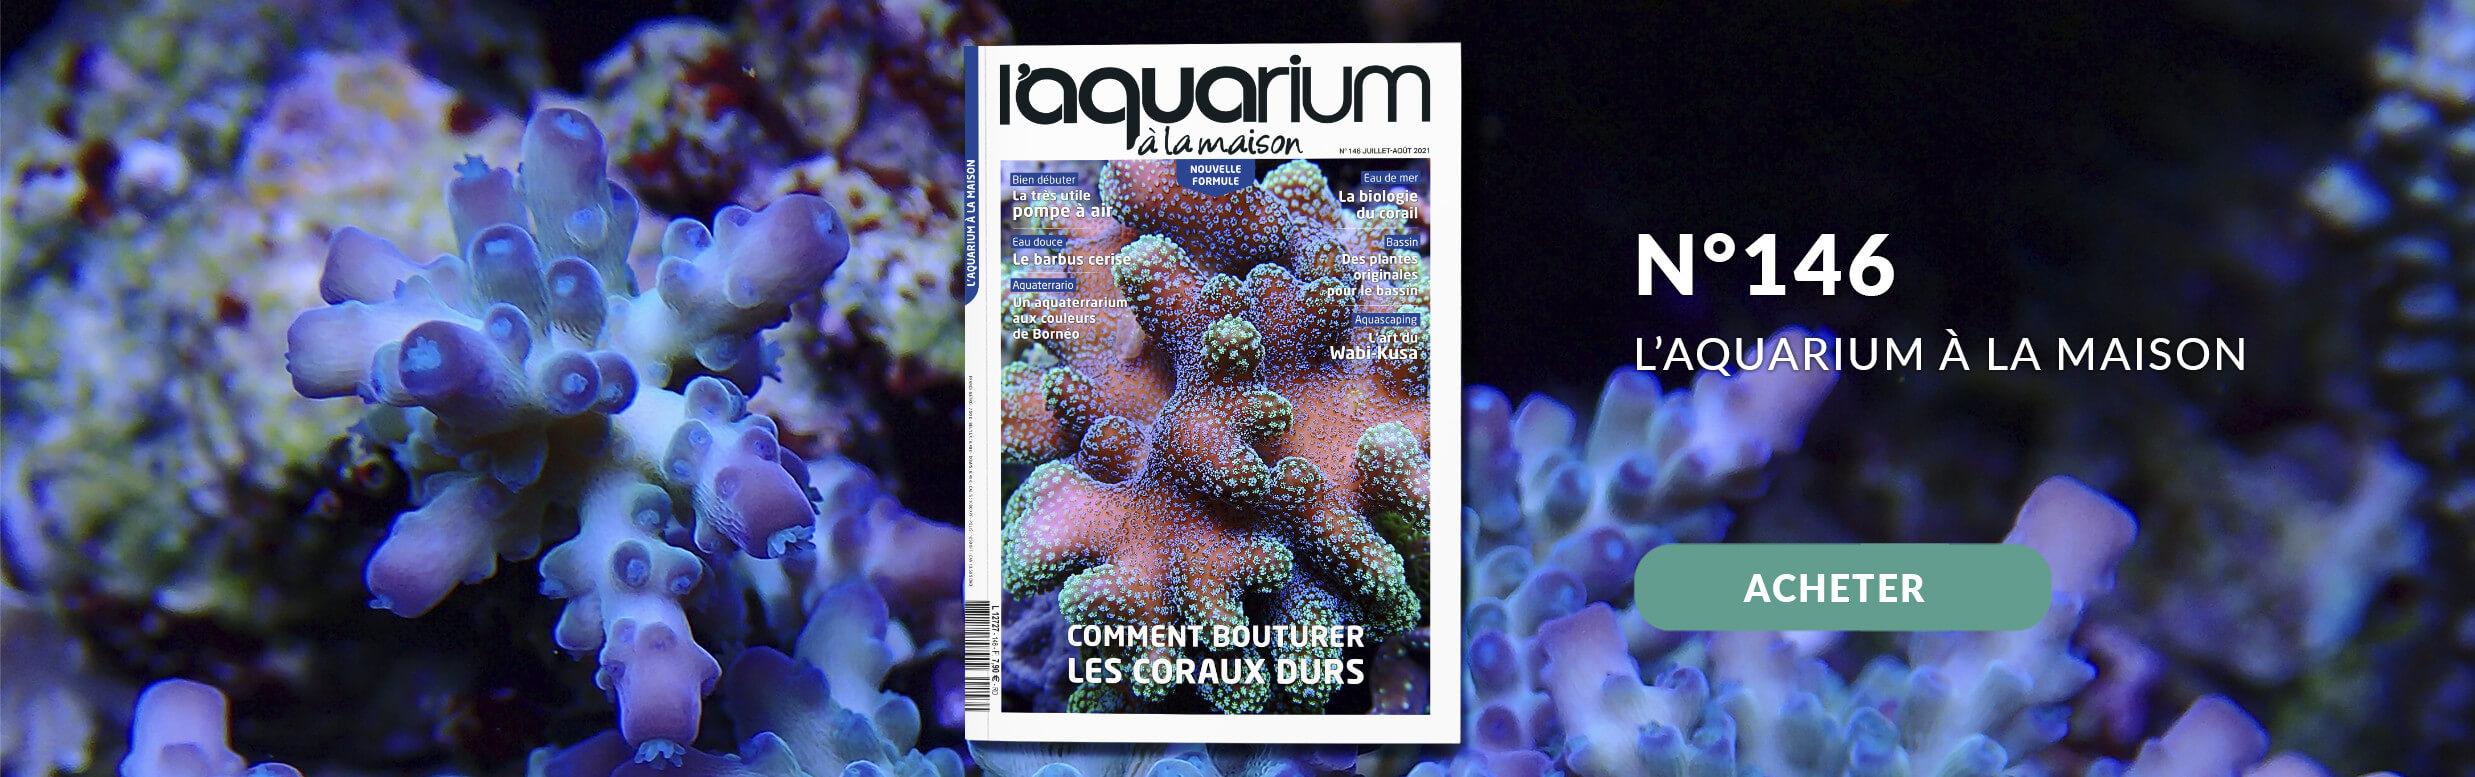 Découvrez la nouvelle formule de l'aquarium à la maison avec le nmr 146